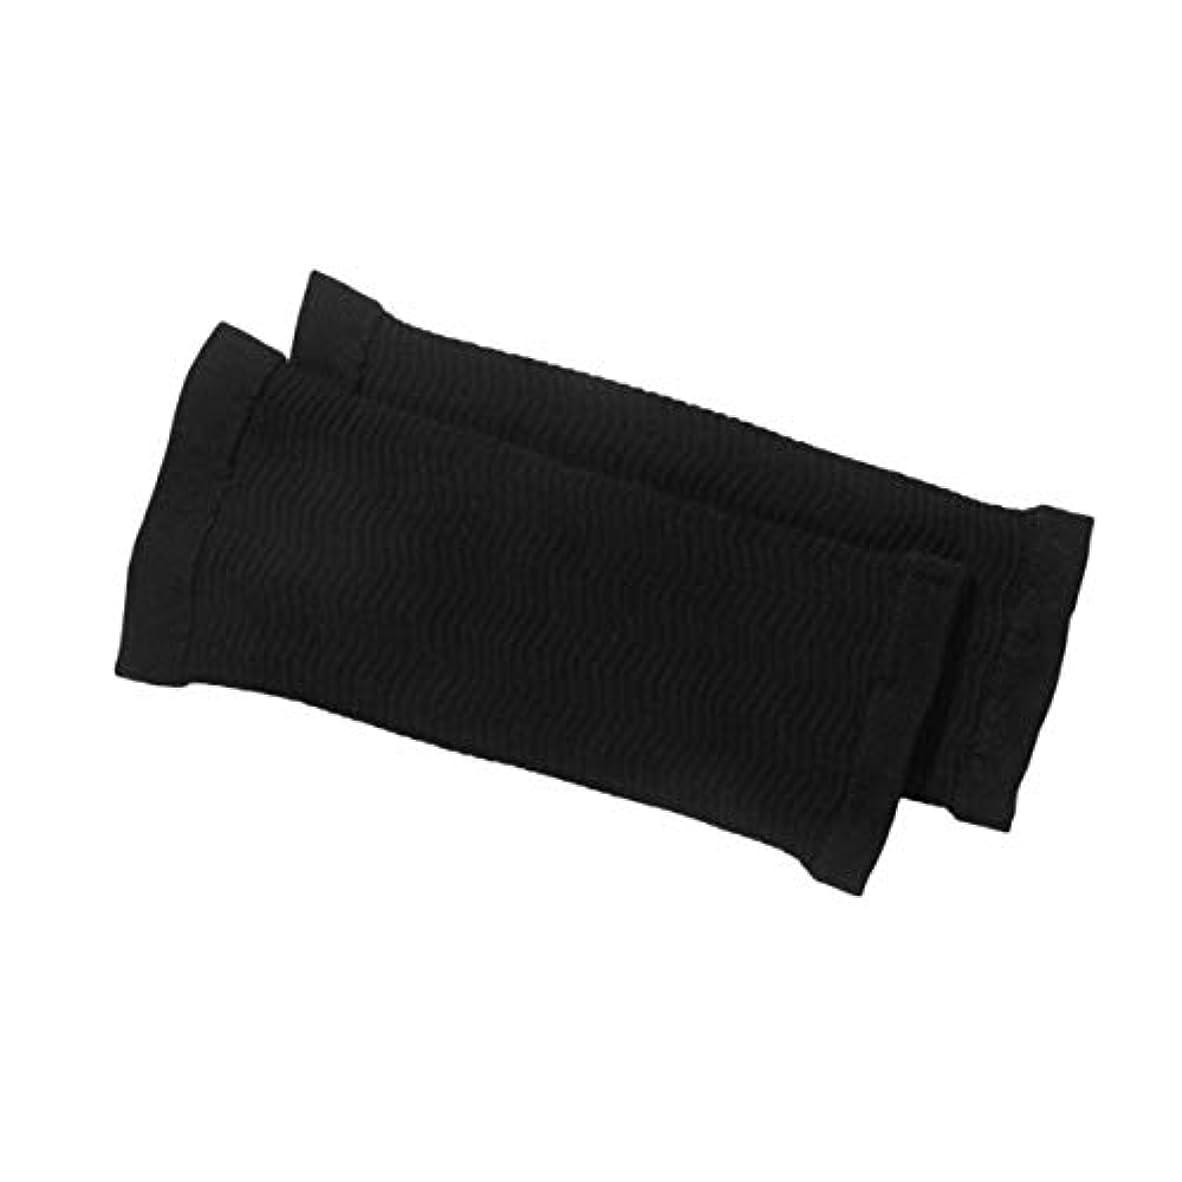 主人酸化する供給1ペア420 D圧縮痩身アームスリーブワークアウトトーニングバーンセルライトシェイパー脂肪燃焼袖用女性 - 黒